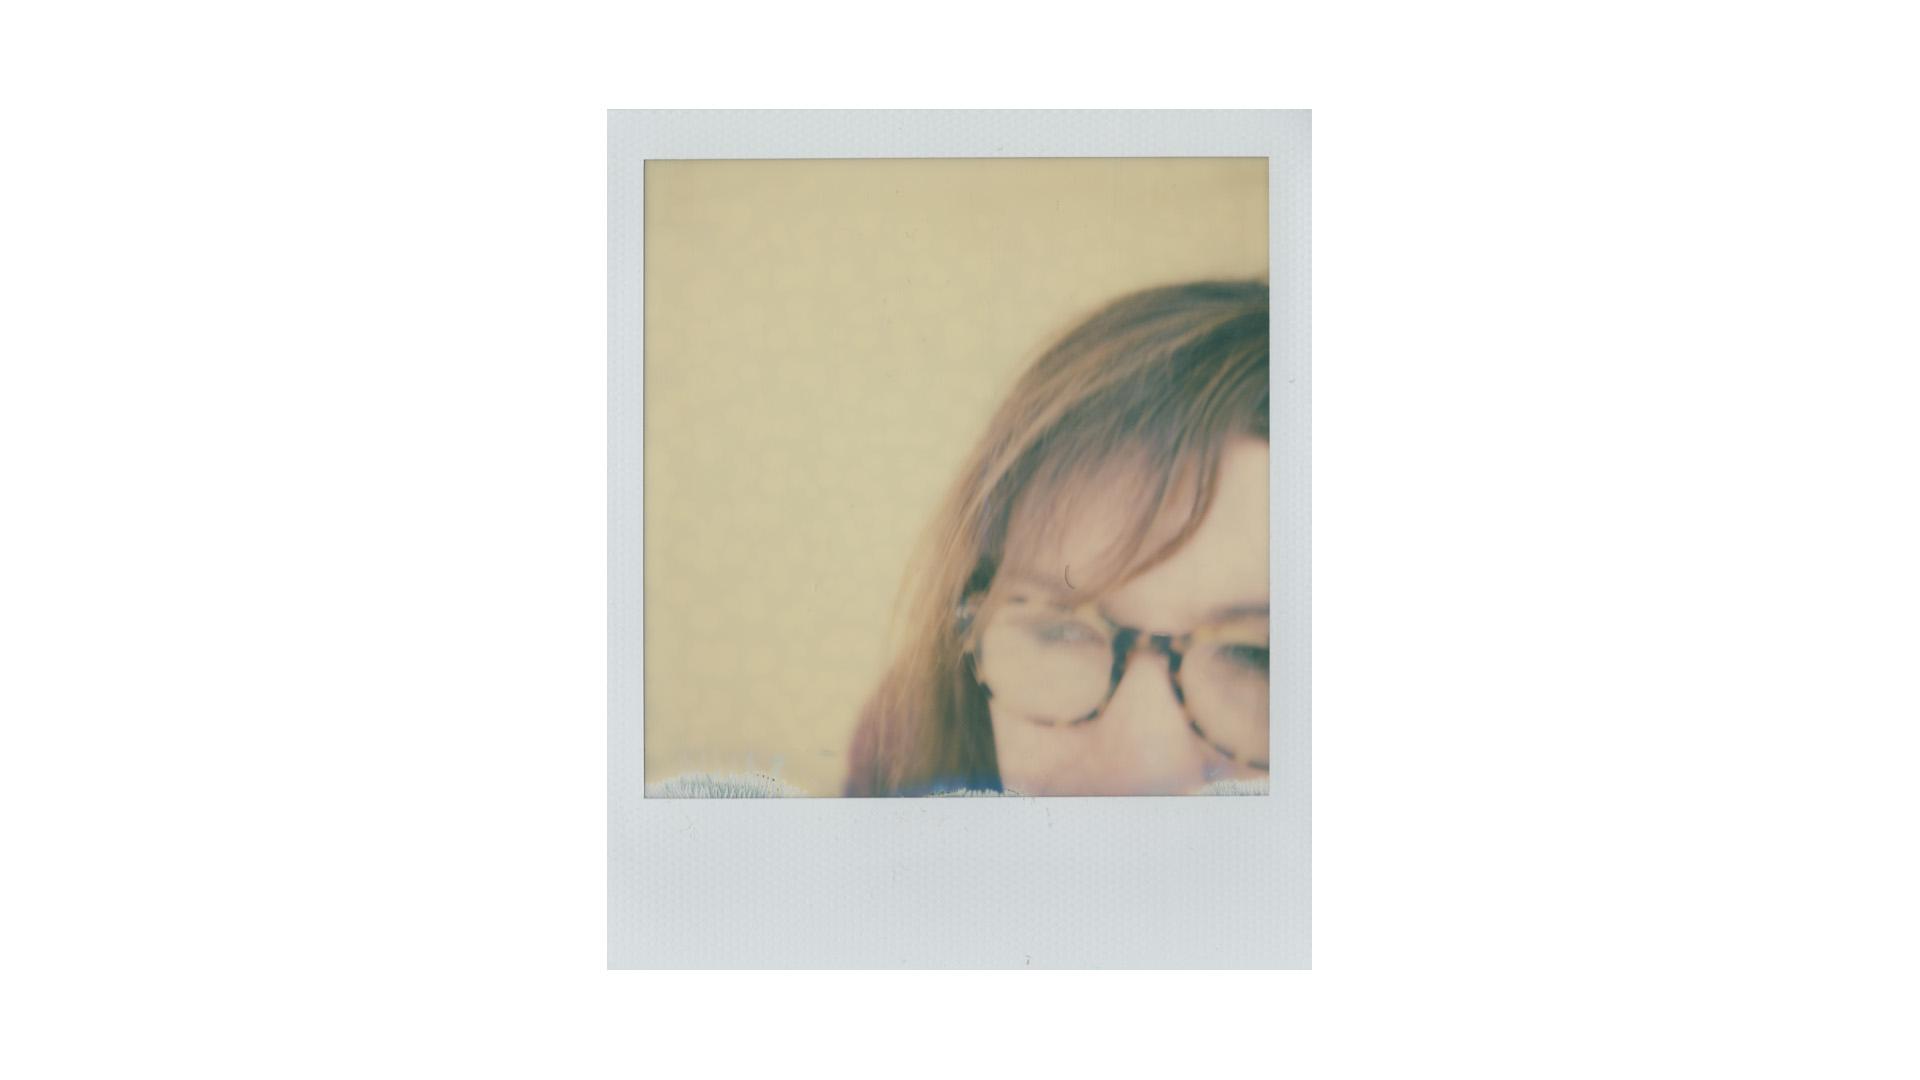 polaroid portrait // (c) jocelynmathewes.com